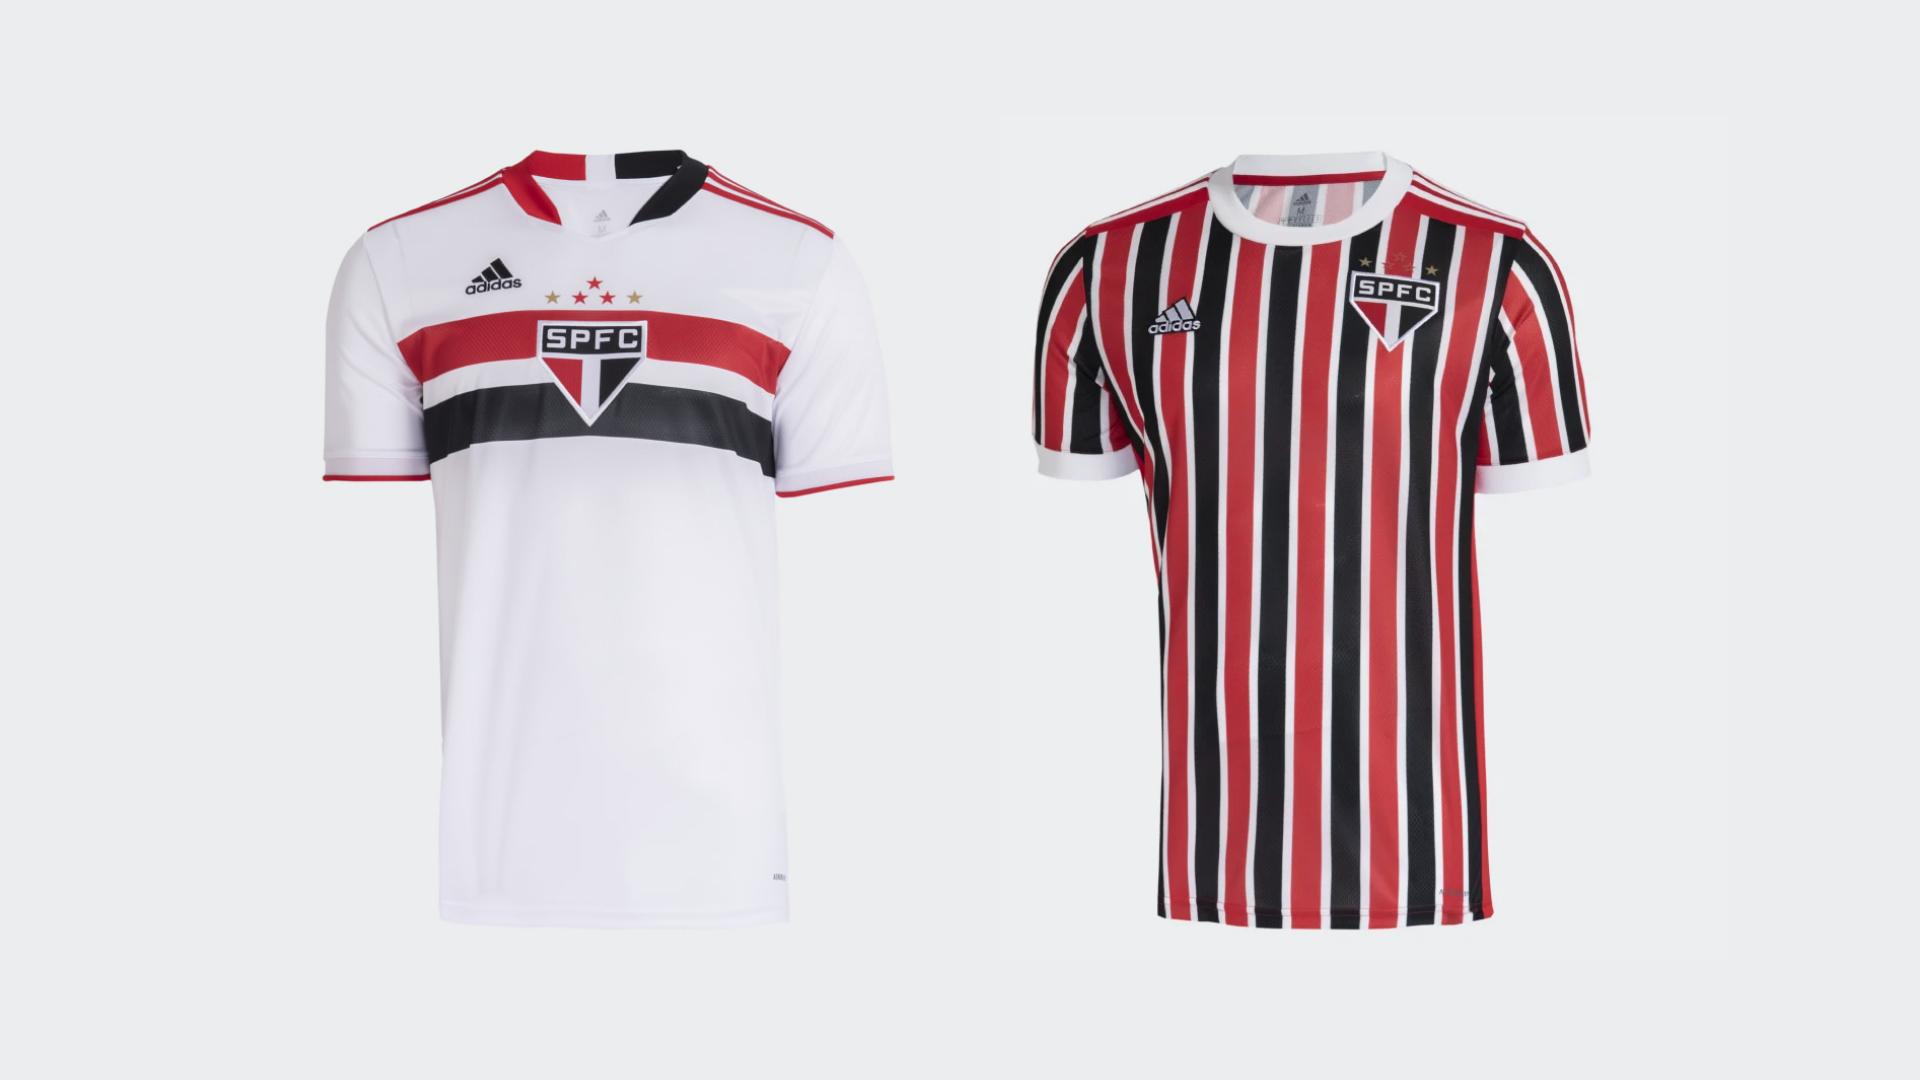 Camisa do São Paulo 2021 Adidas Jogo 1 e 2 (Imagem: Divulgação/Adidas)